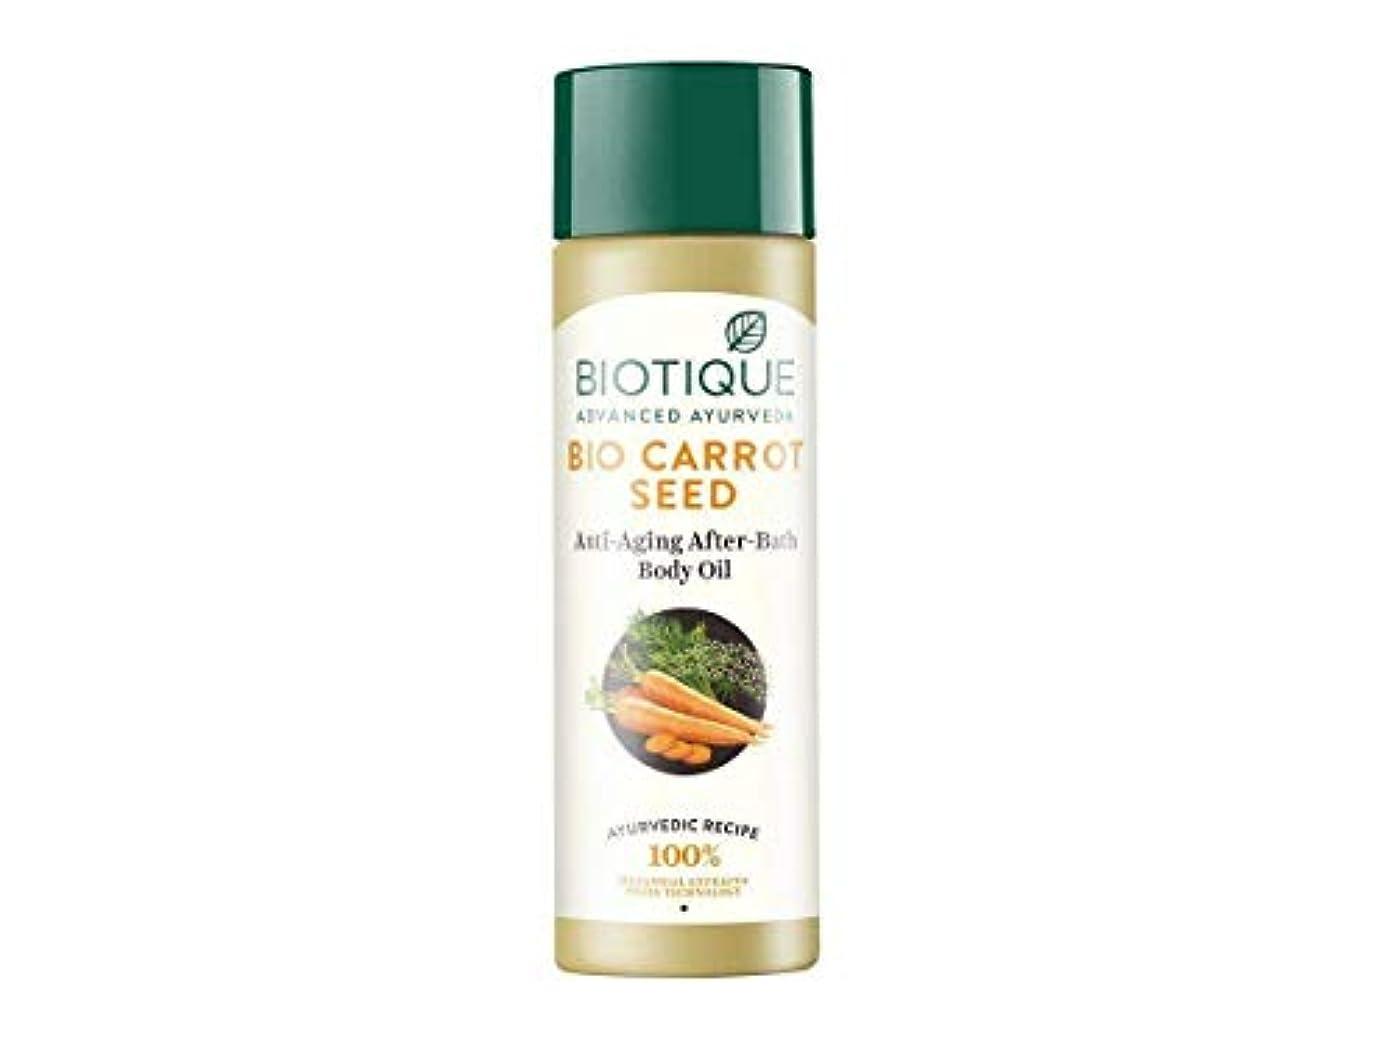 リア王りんごモットーBiotique Bio Carrot Seed Anti-Aging After-Bath Body Oil, 120ml Rich in Vitamin A Biotiqueバイオニンジンシードアンチエイジングアフターバスボディオイル、ビタミンAが豊富